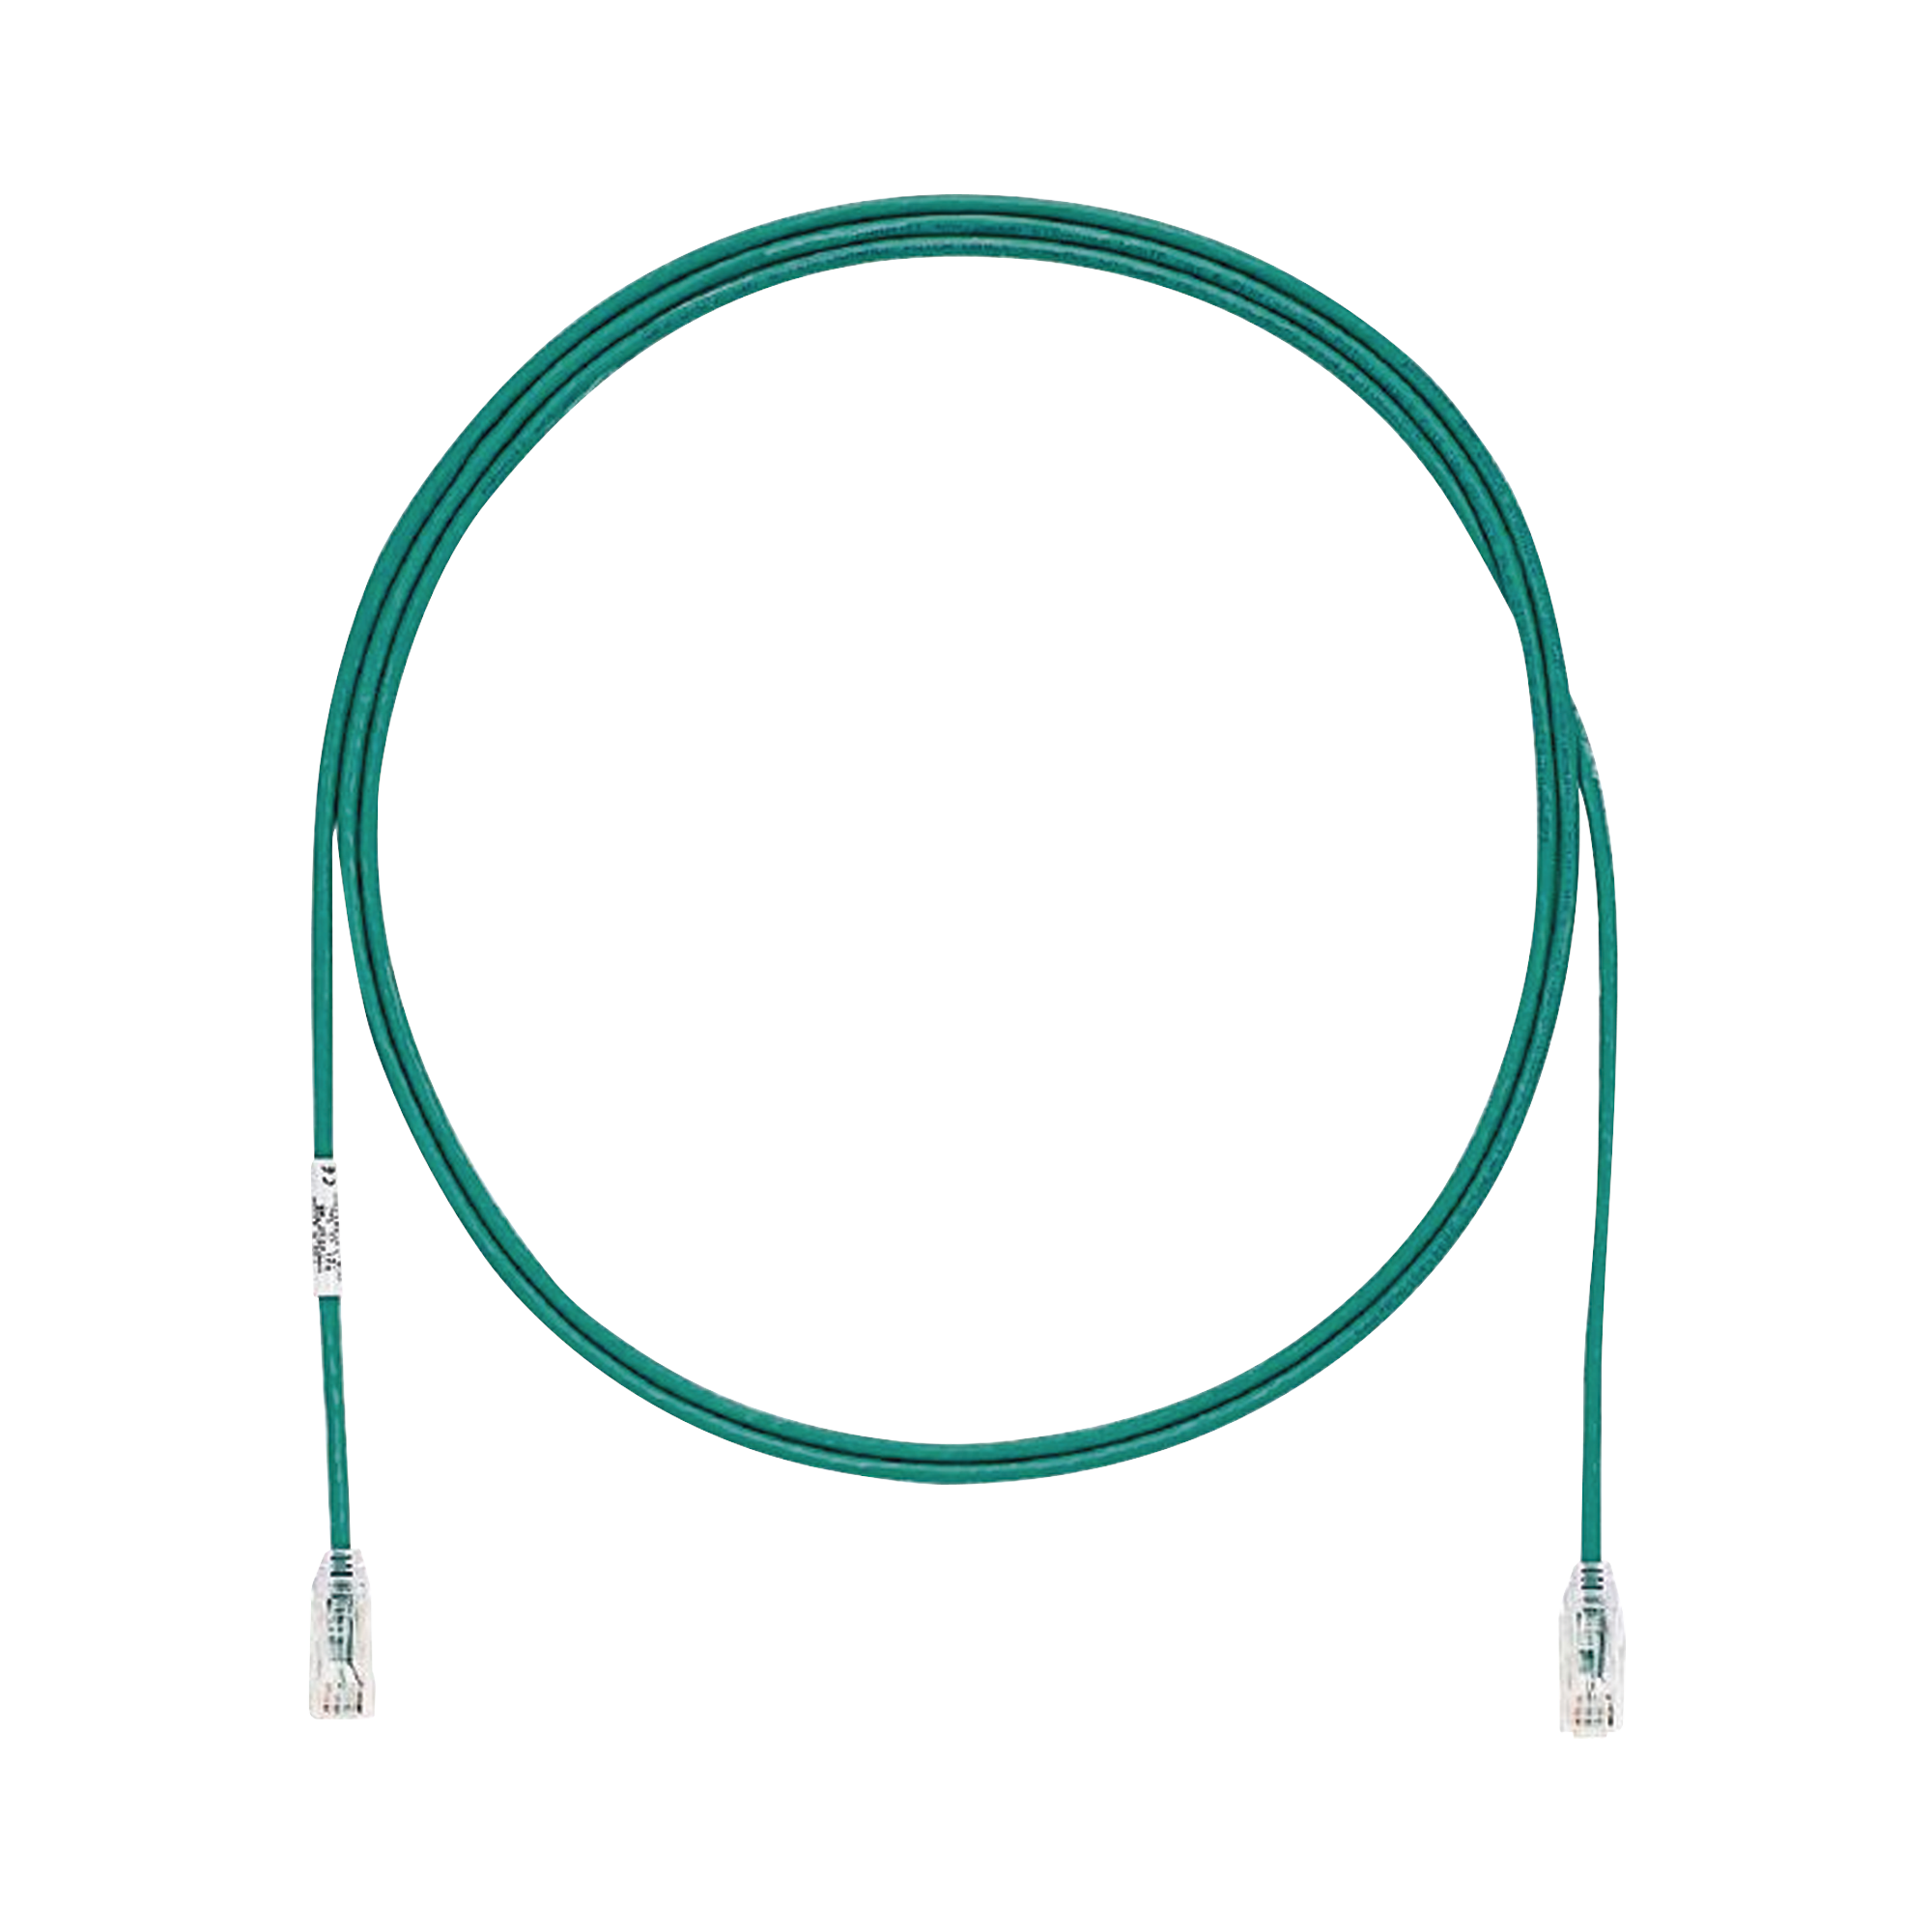 Cable de Parcheo TX6, UTP Cat6, Diámetro Reducido (28AWG), Color Verde, 5ft